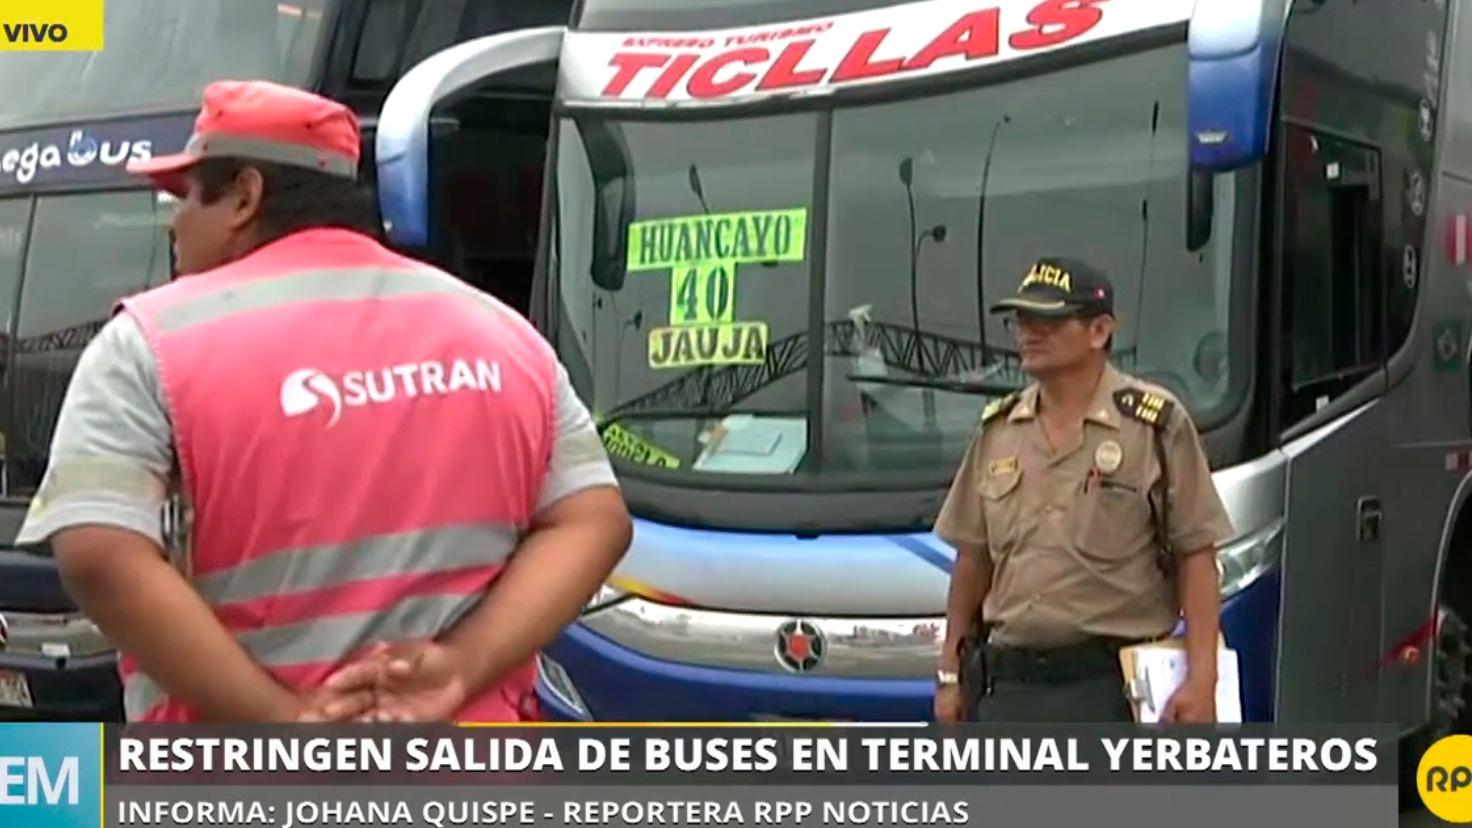 La salida de buses en terminal Yerbateros fue restringida.